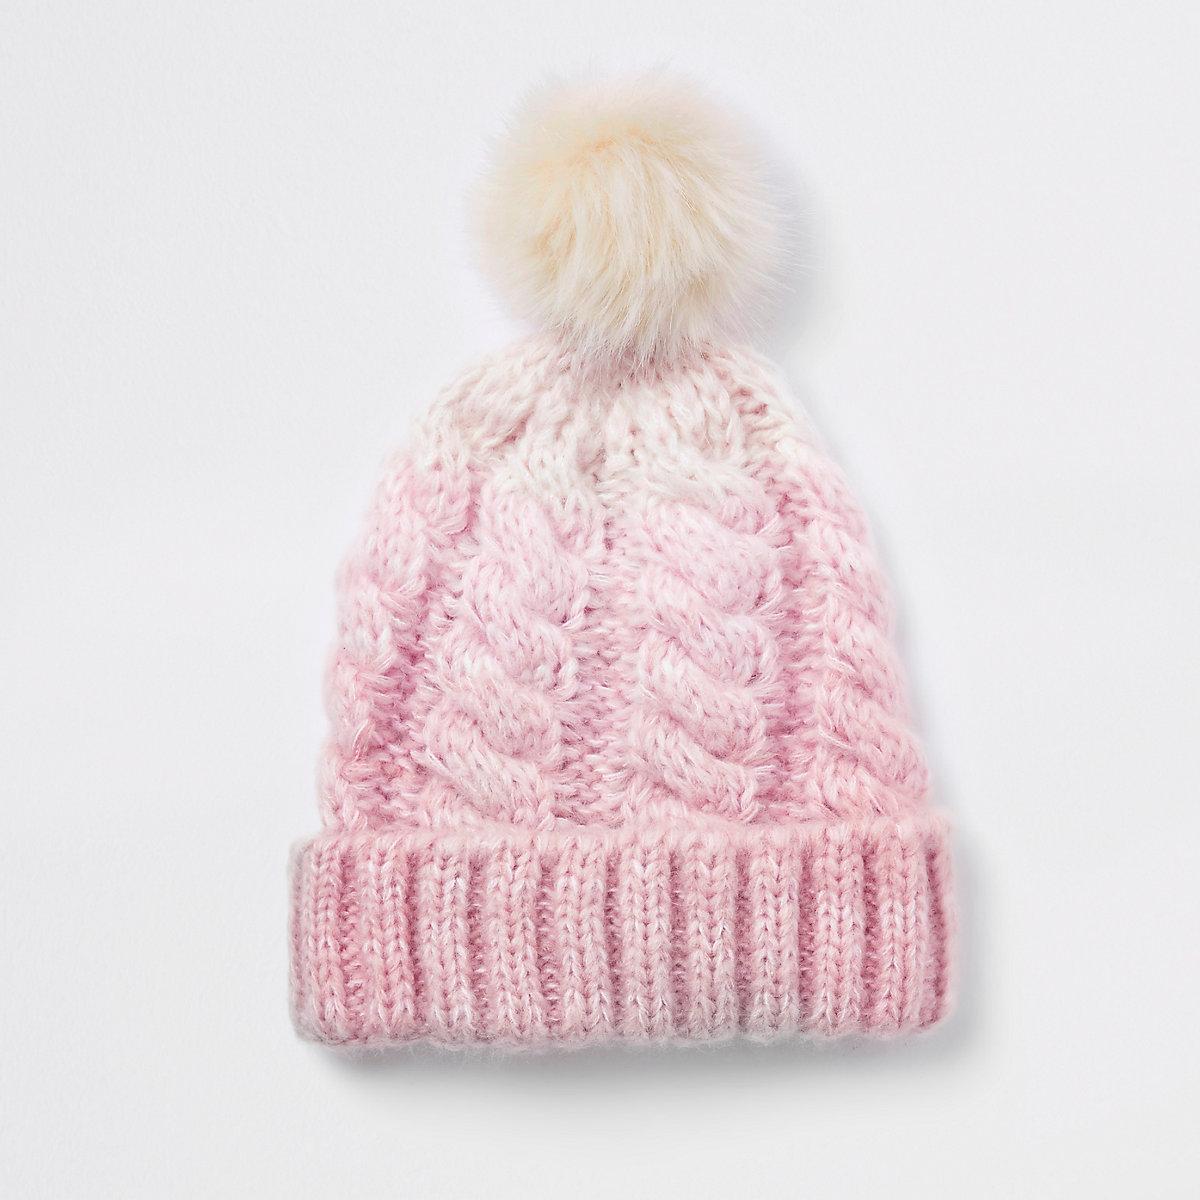 ... Ensemble bonnet à pompon en fausse fourrure rose effet dégradé pour  fille ... 018080e554e